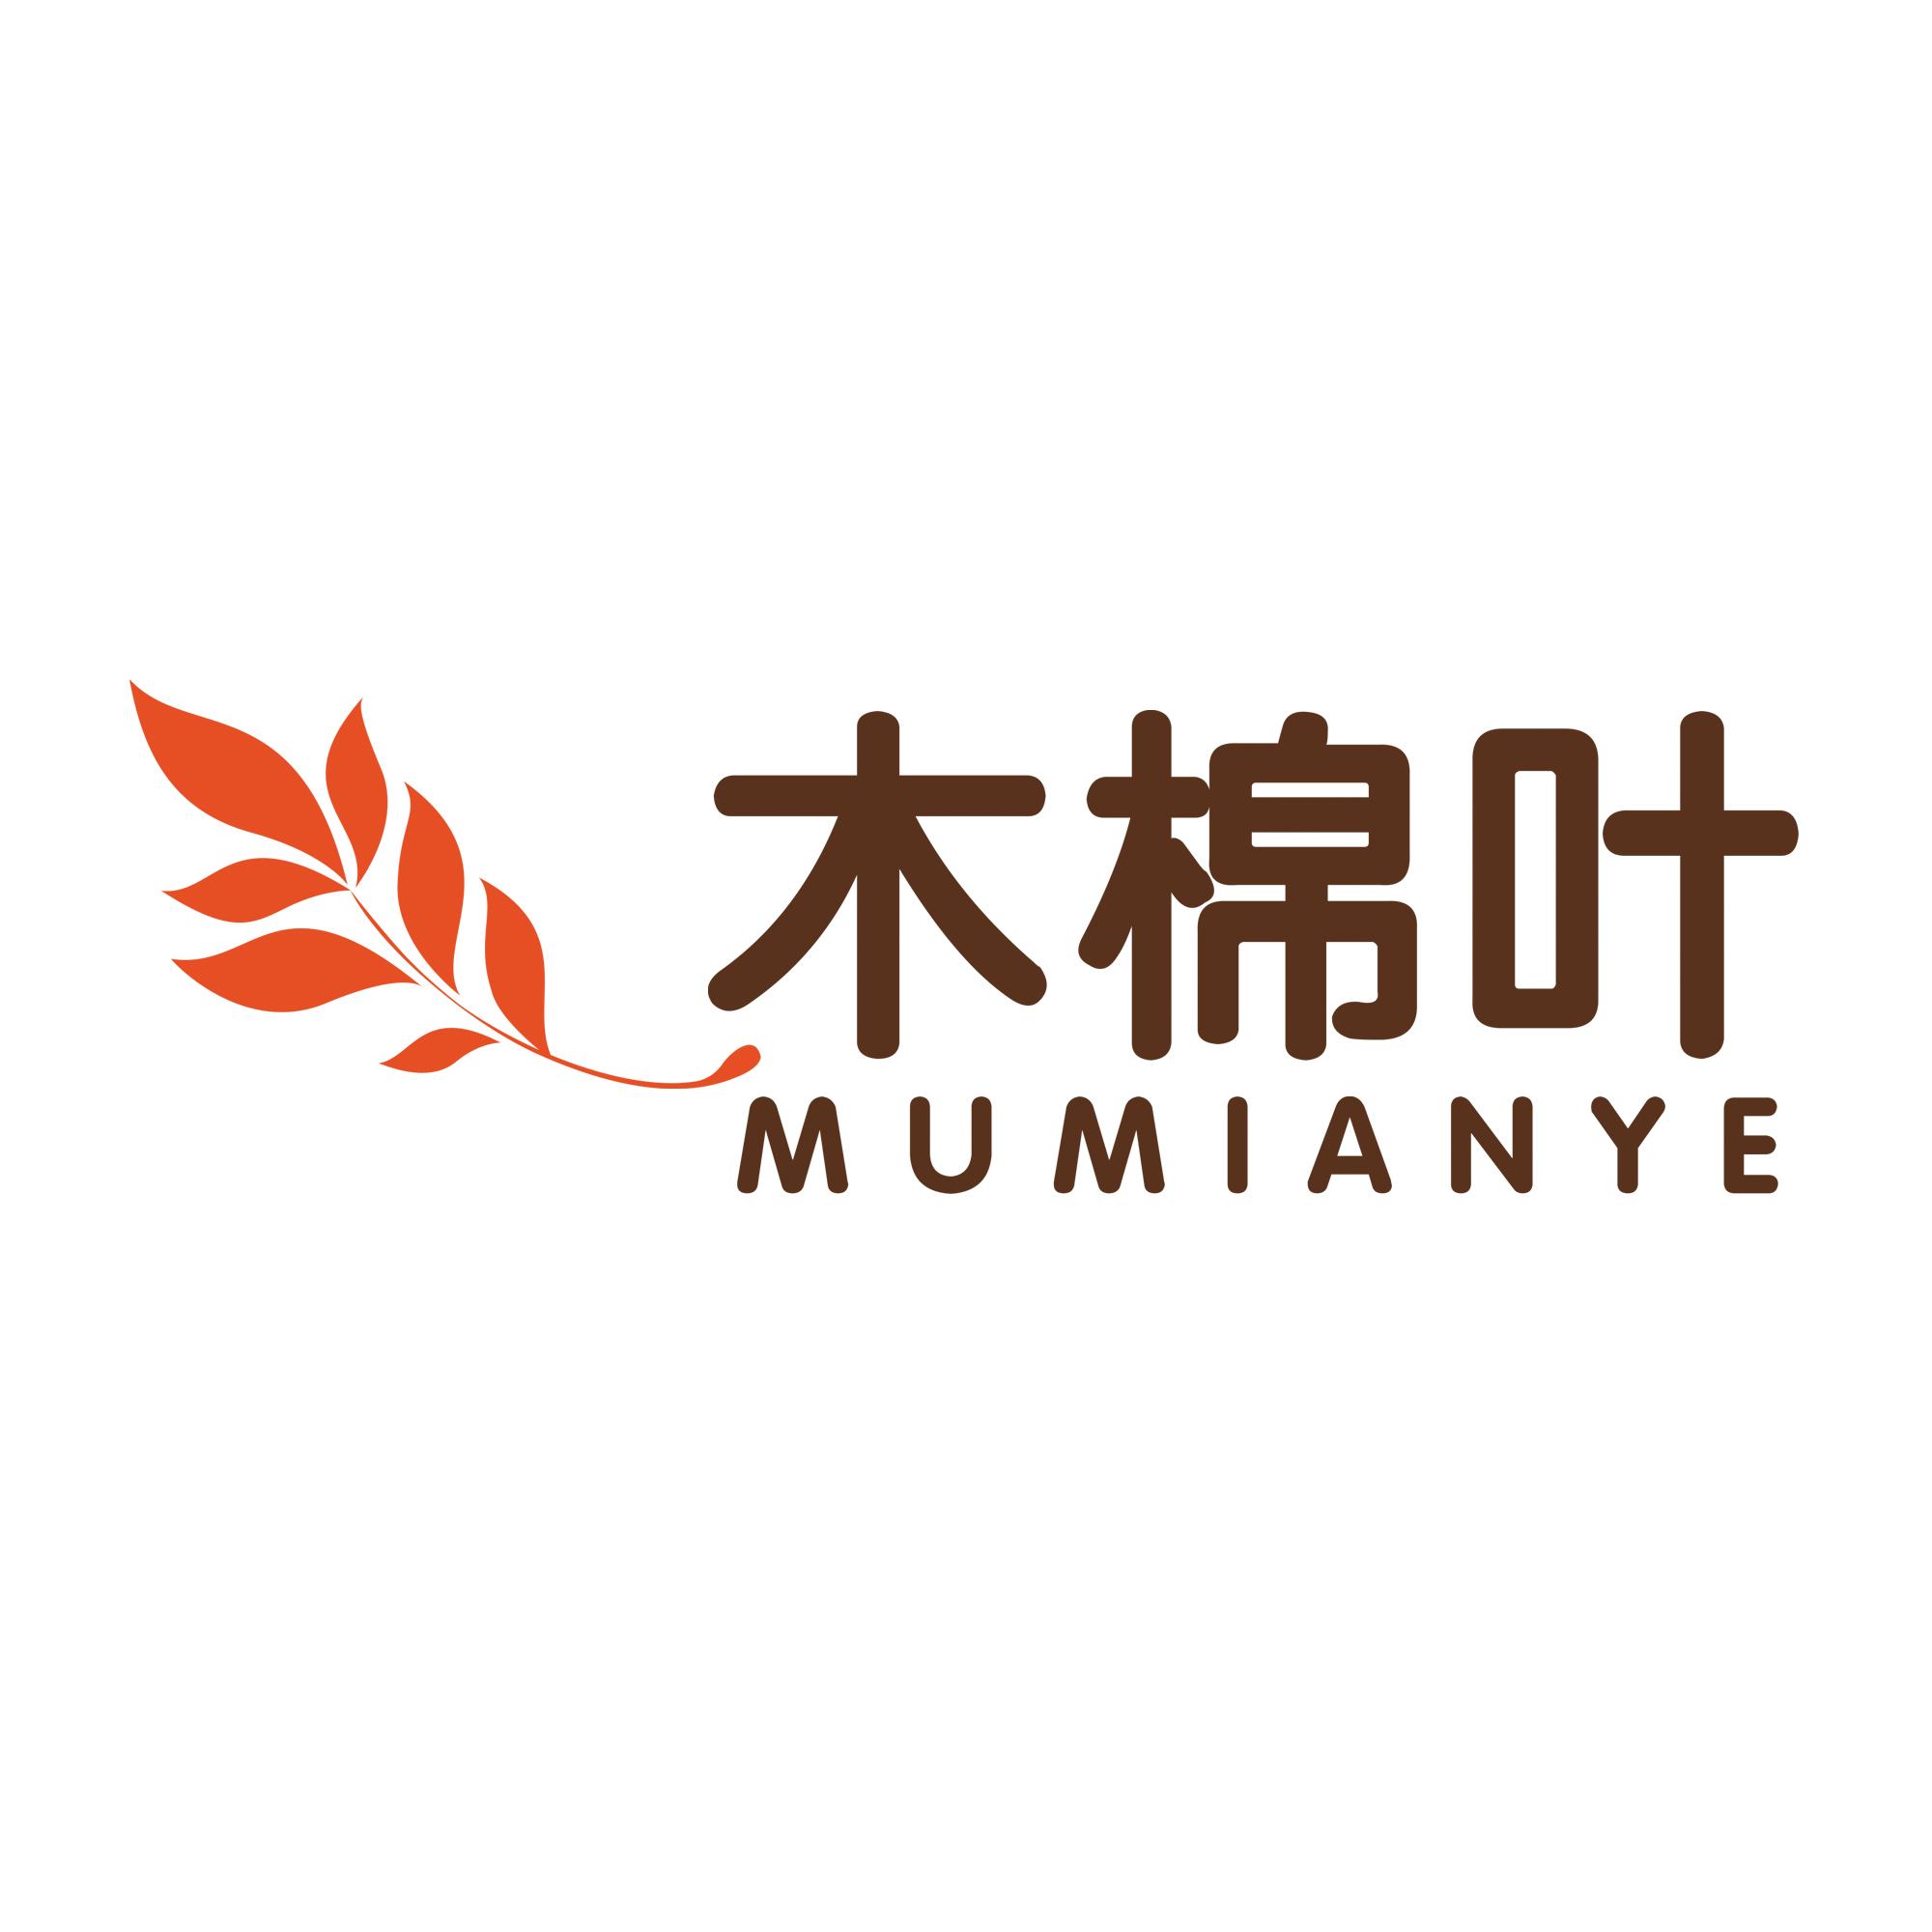 木棉叶(mamianye)